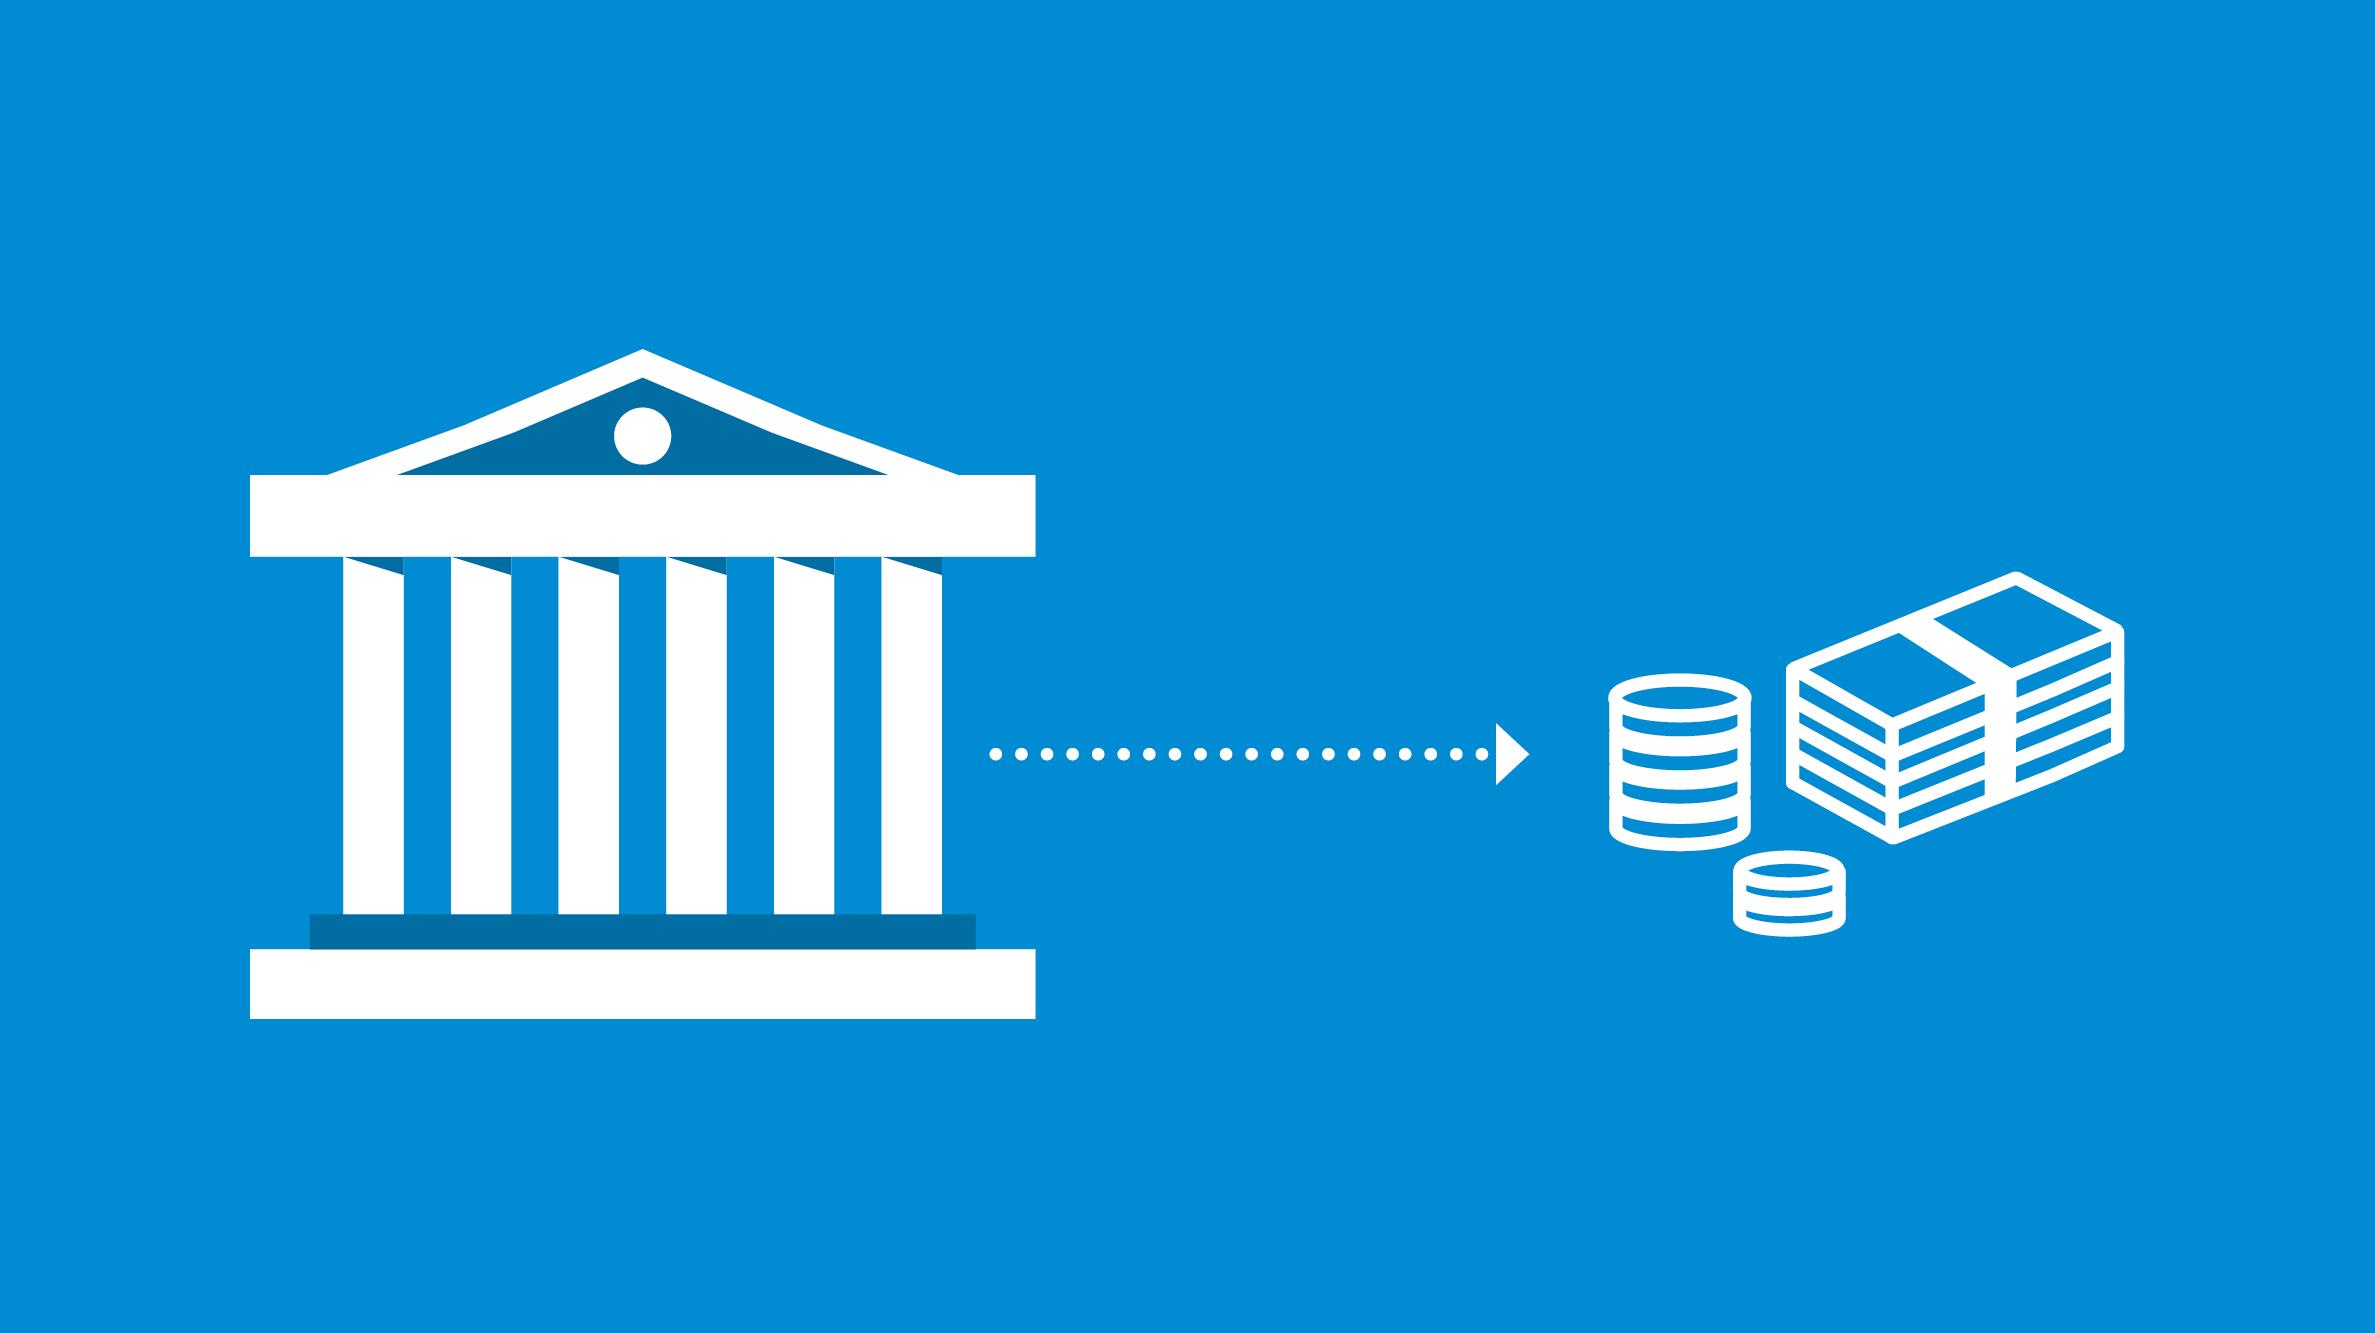 Icon Bank mit Pfleil zu Geldscheine - Kreditorenbuchhaltung